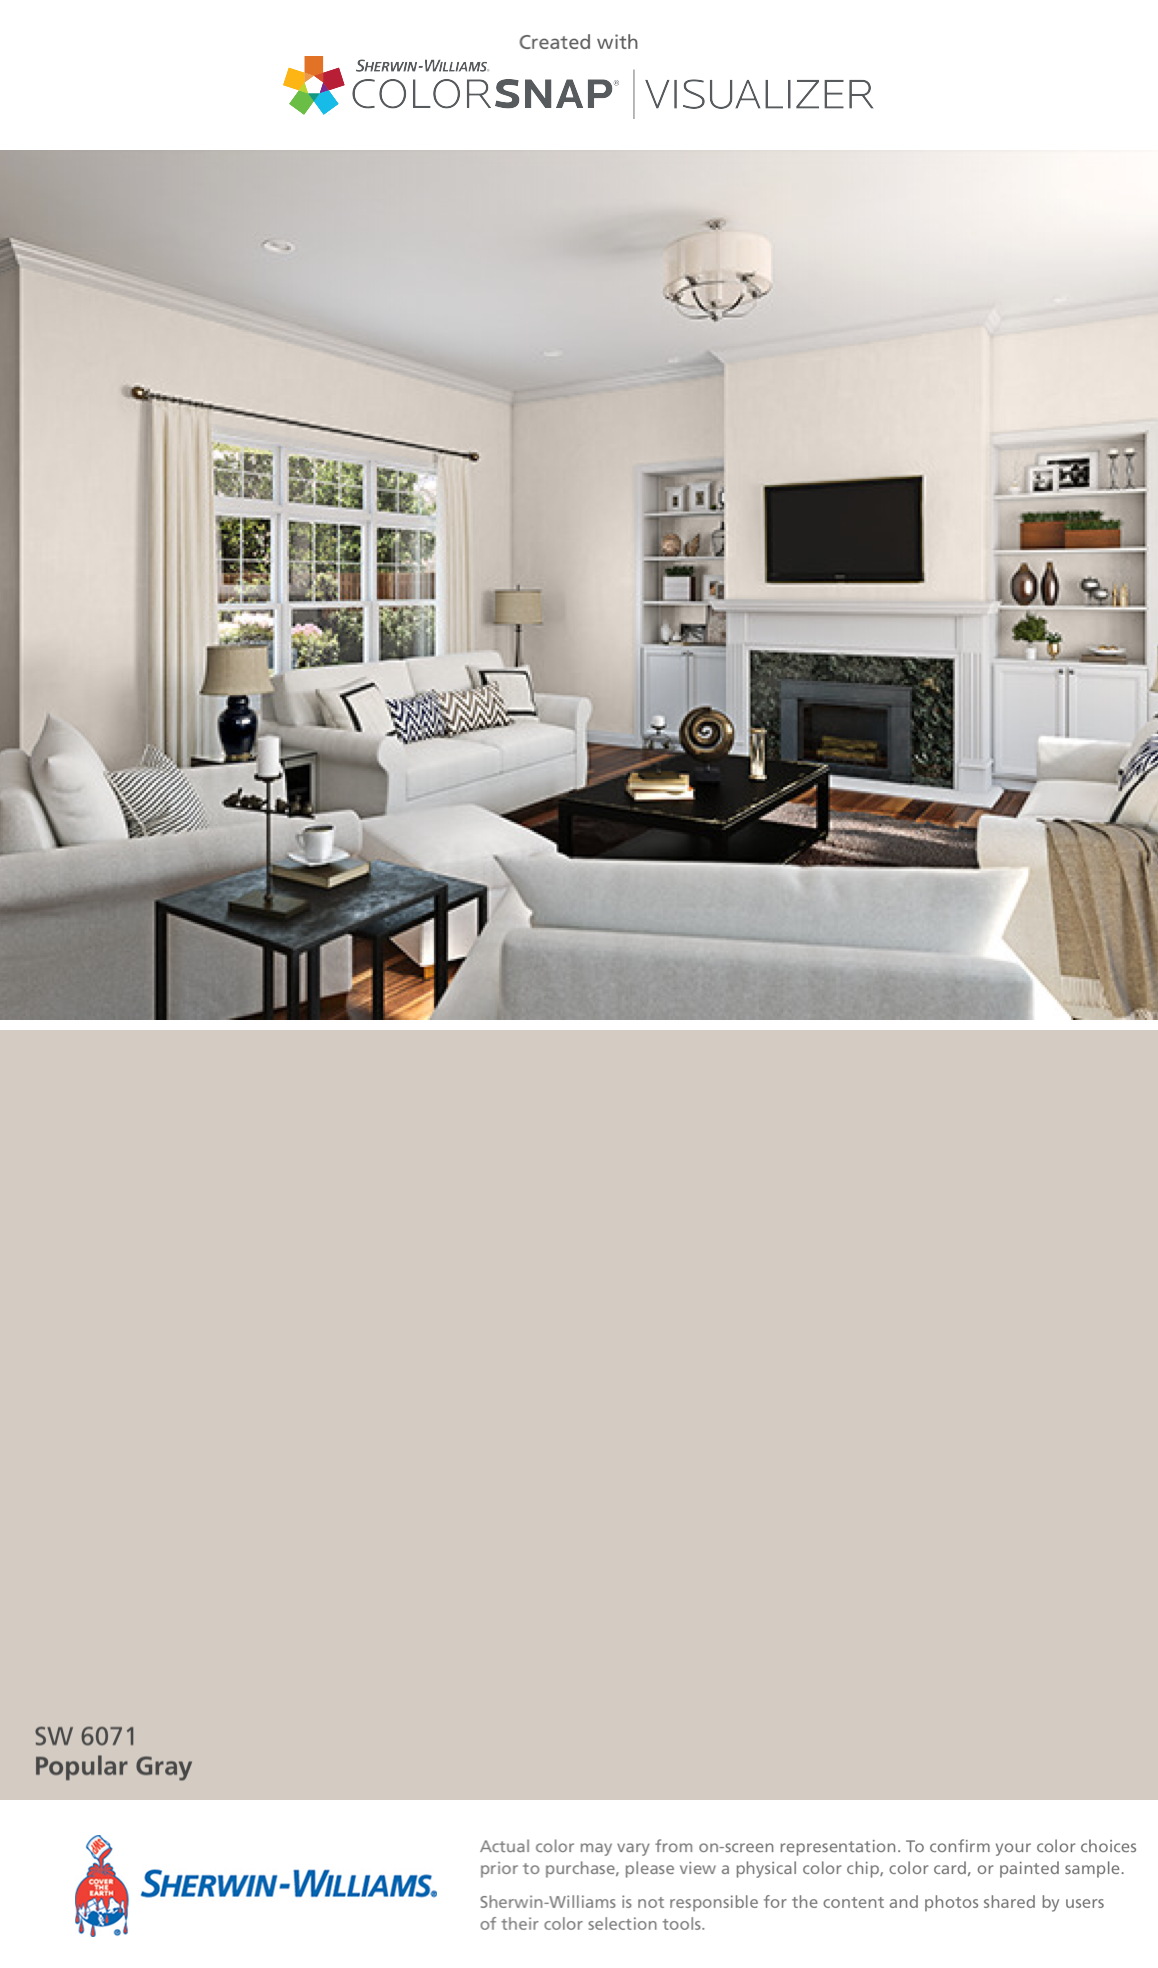 Paint Color Matching App Colorsnap Paint Color App Sherwin Williams Paint Colors For Home Sherwin Williams Paint Colors Room Paint Colors